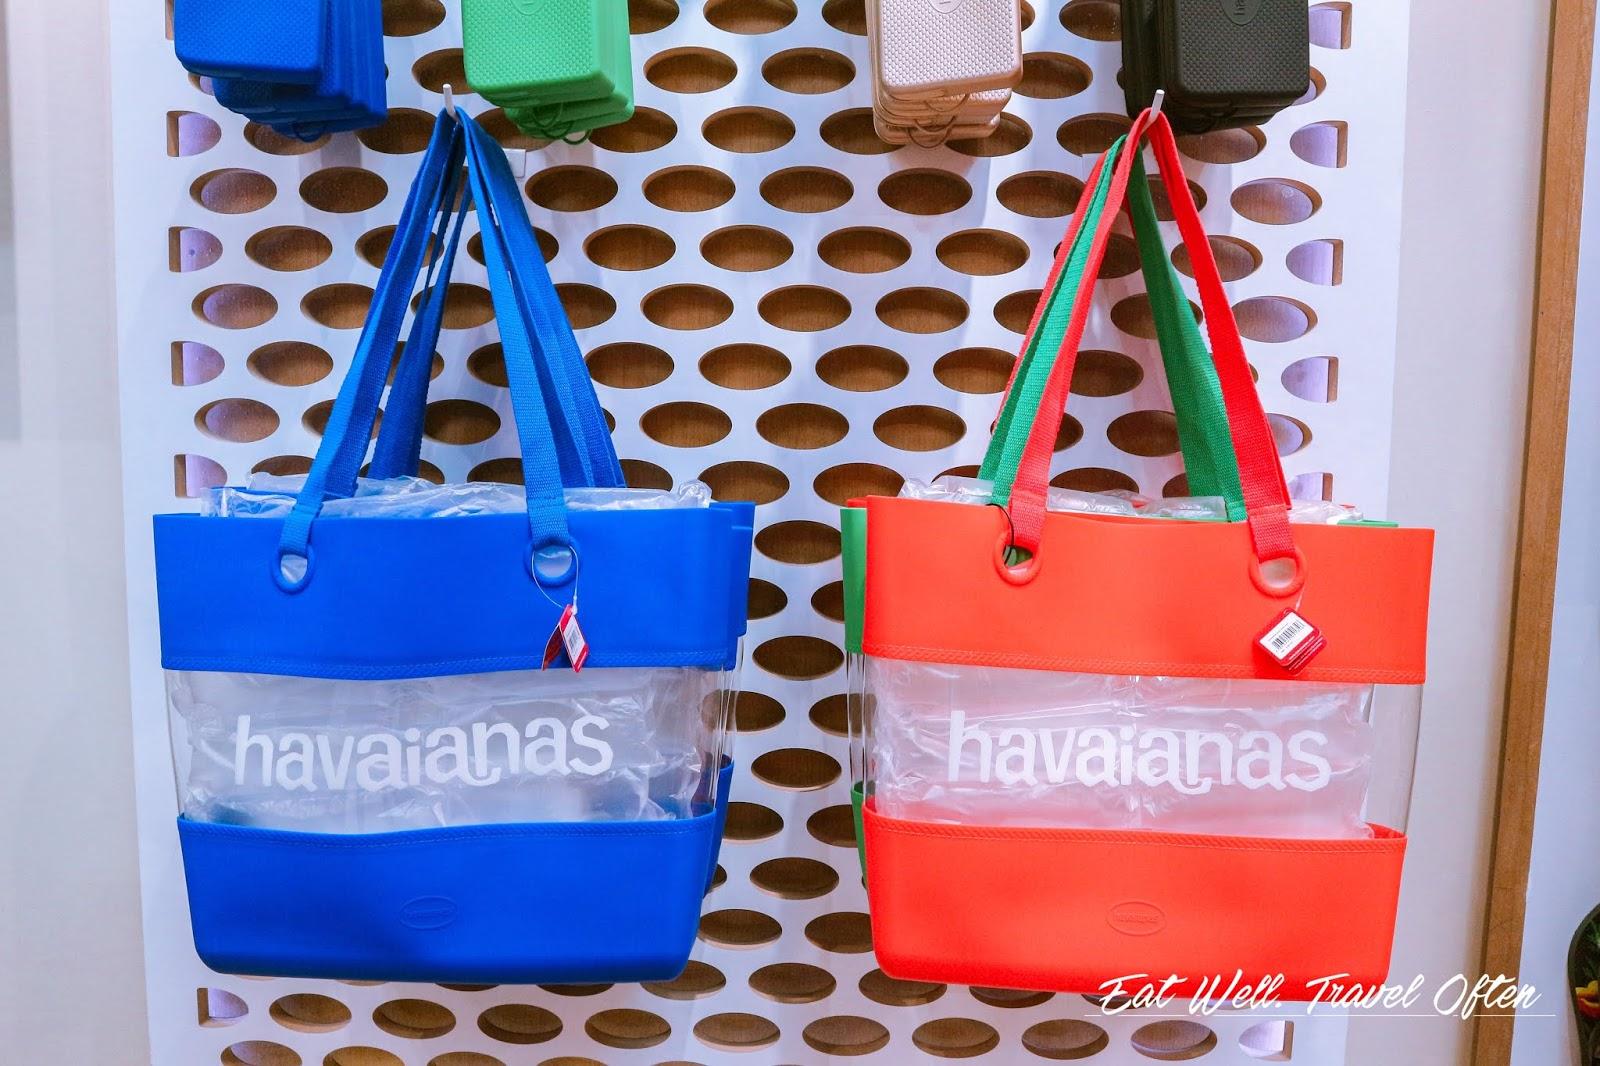 Havaianas Tote Bag Abreeza Davao jexxhinggo.com